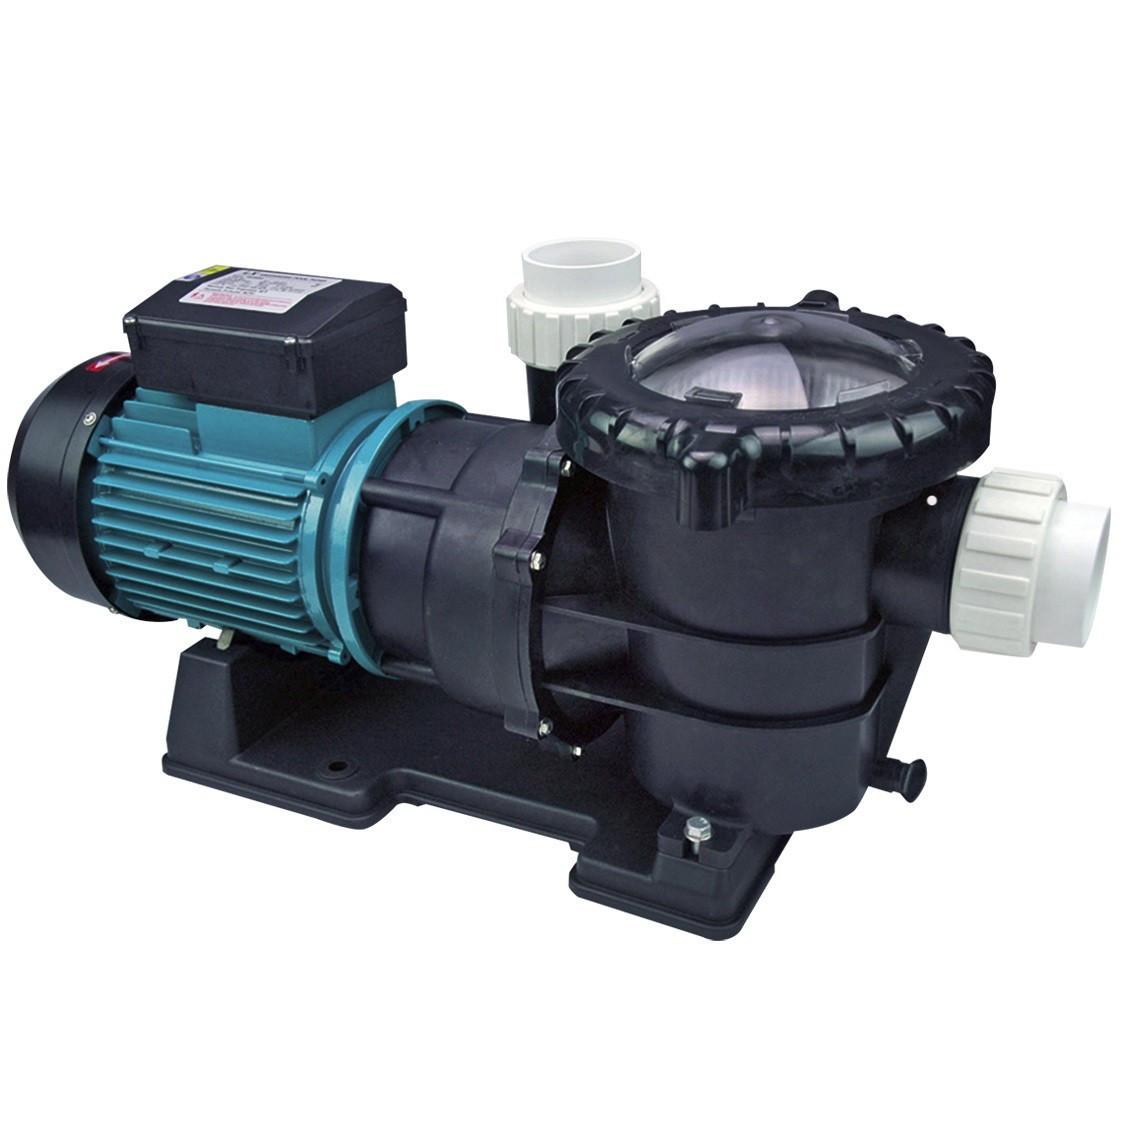 Насос AquaViva LX STP300T/VWS300T 30 м3/ч (3HP, 380В), для бассейнов объёмом до 120 м3